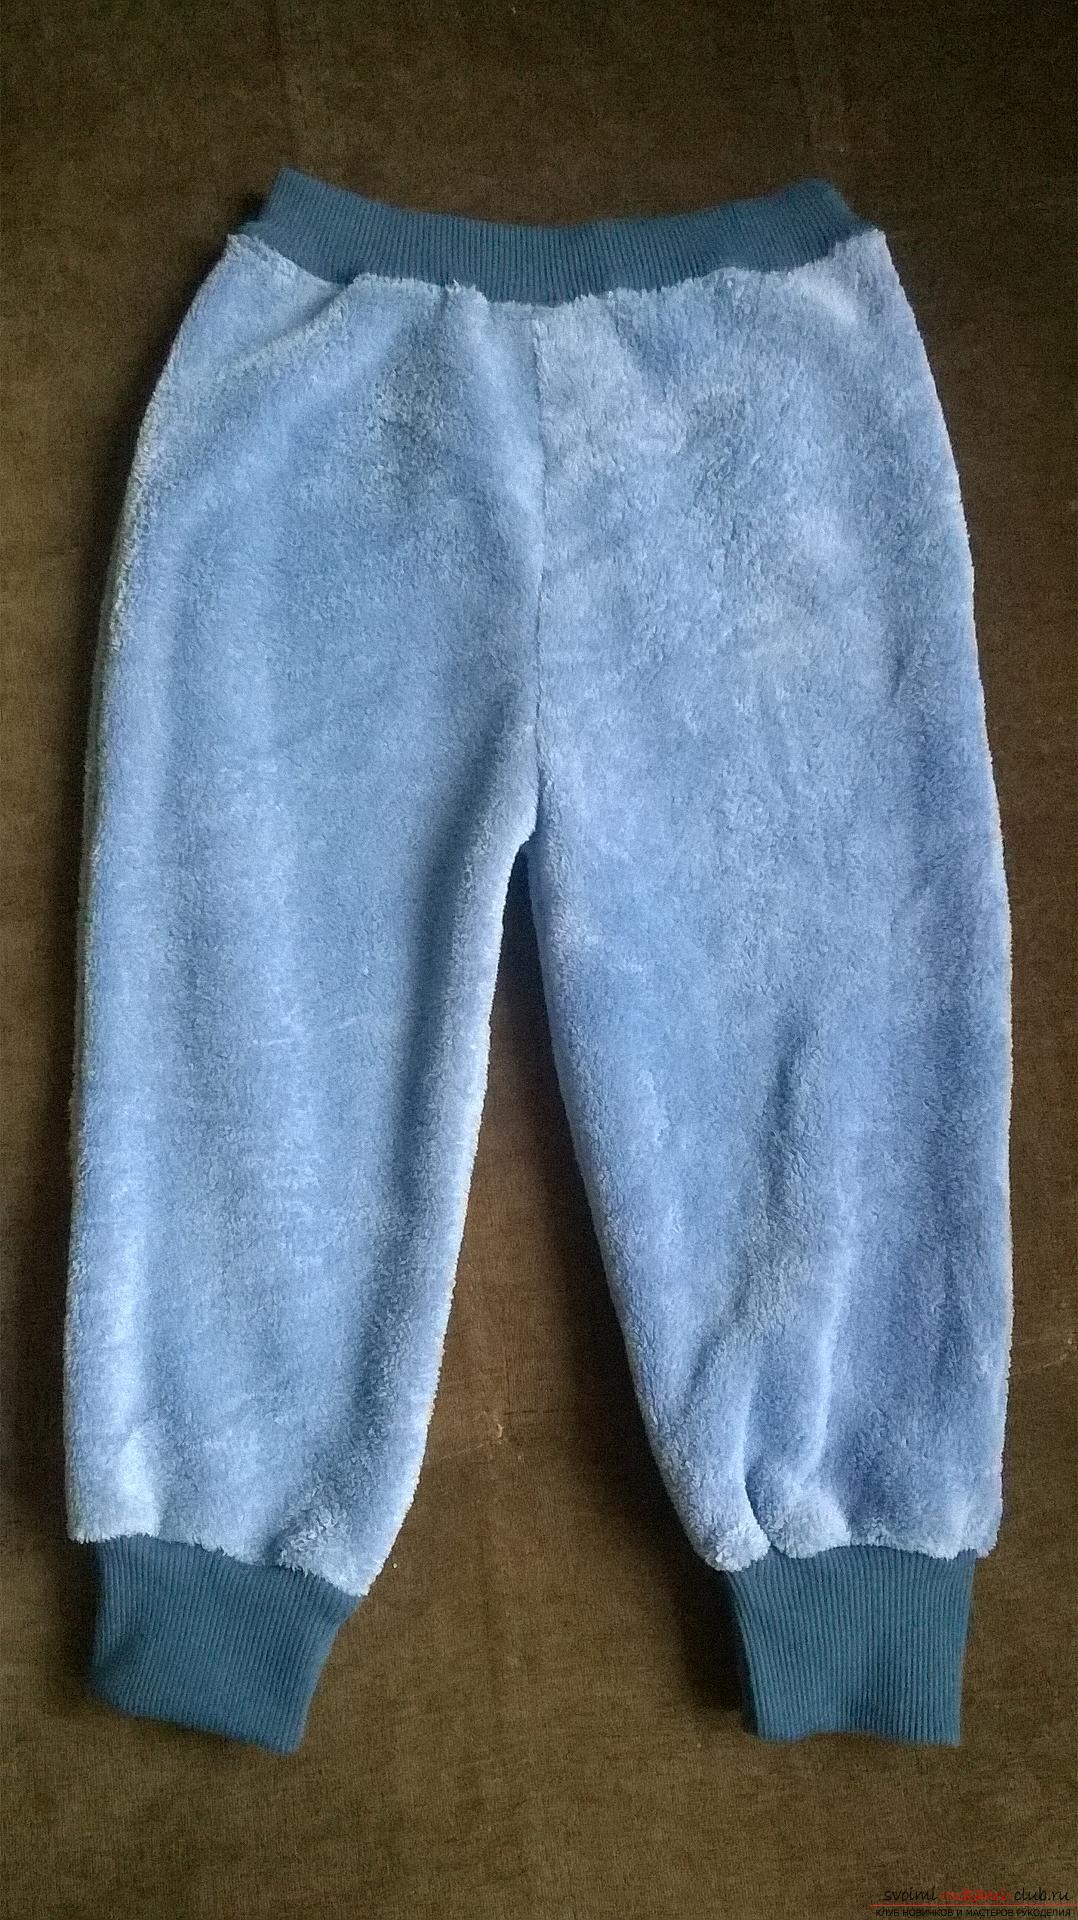 Эта статья рассказывает как сшить теплые и удобные штаны для мальчика на резинке. Фото №1